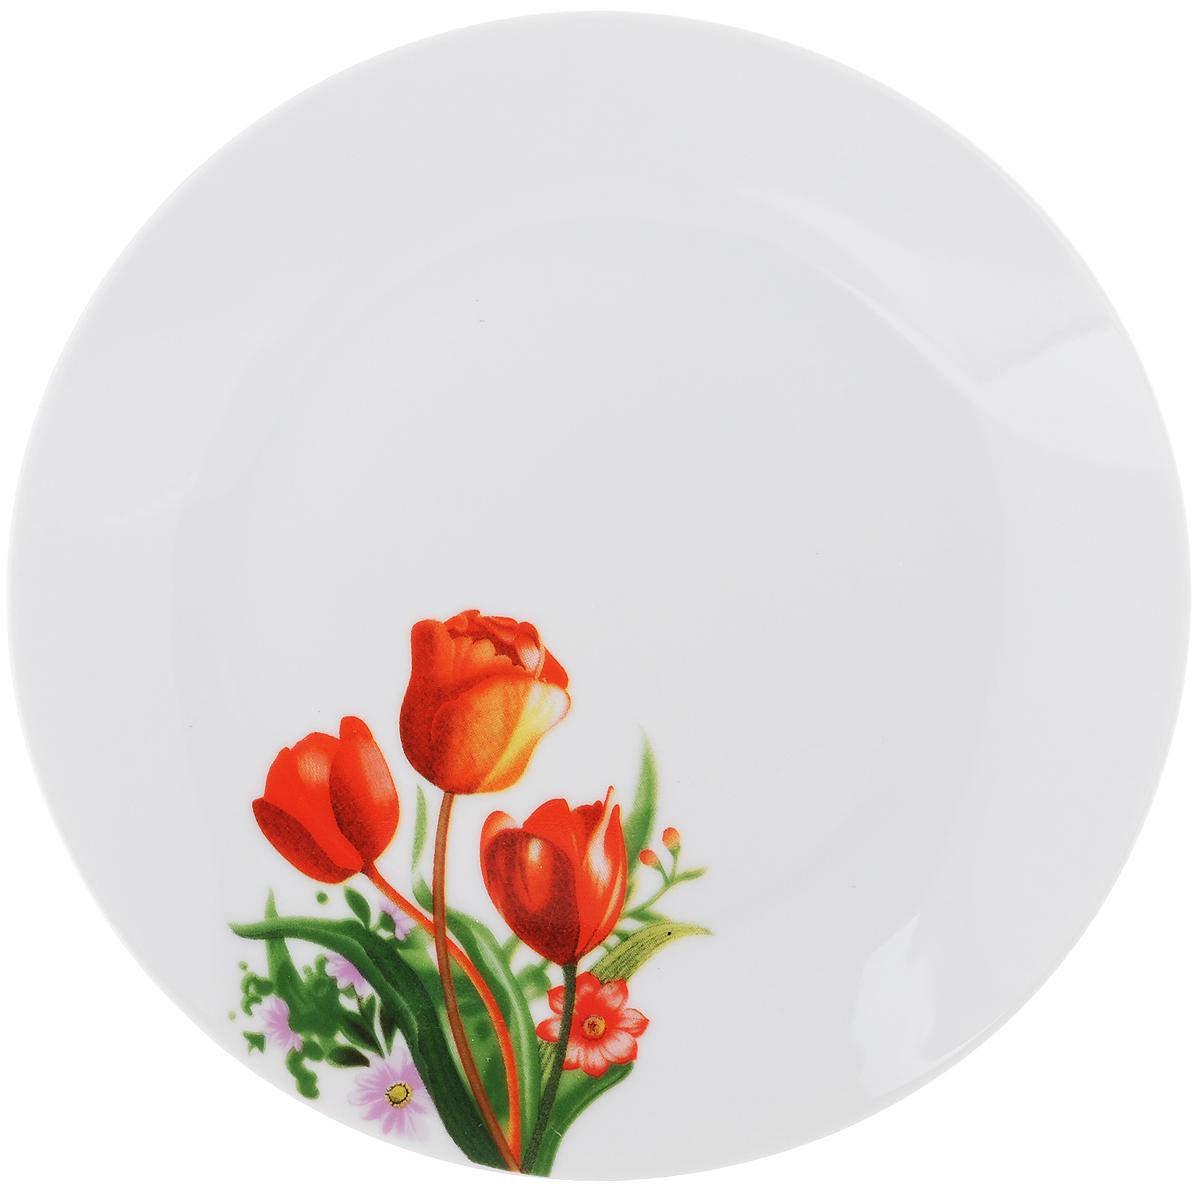 Тарелка десертная Тюльпаны, диаметр 20 см115510Десертная тарелка Доляна Тюльпаны изготовлена из высококачественной керамики и имеет изысканный внешний вид. Такая тарелка прекрасно подходит как для торжественных случаев, так и для повседневного использования. Идеальна для подачи десертов, пирожных, тортов и многого другого. Она прекрасно оформит стол и станет отличным дополнением к вашей коллекции кухонной посуды. Диаметр тарелки (по верхнему краю): 20 см.Высота тарелки: 2 см.